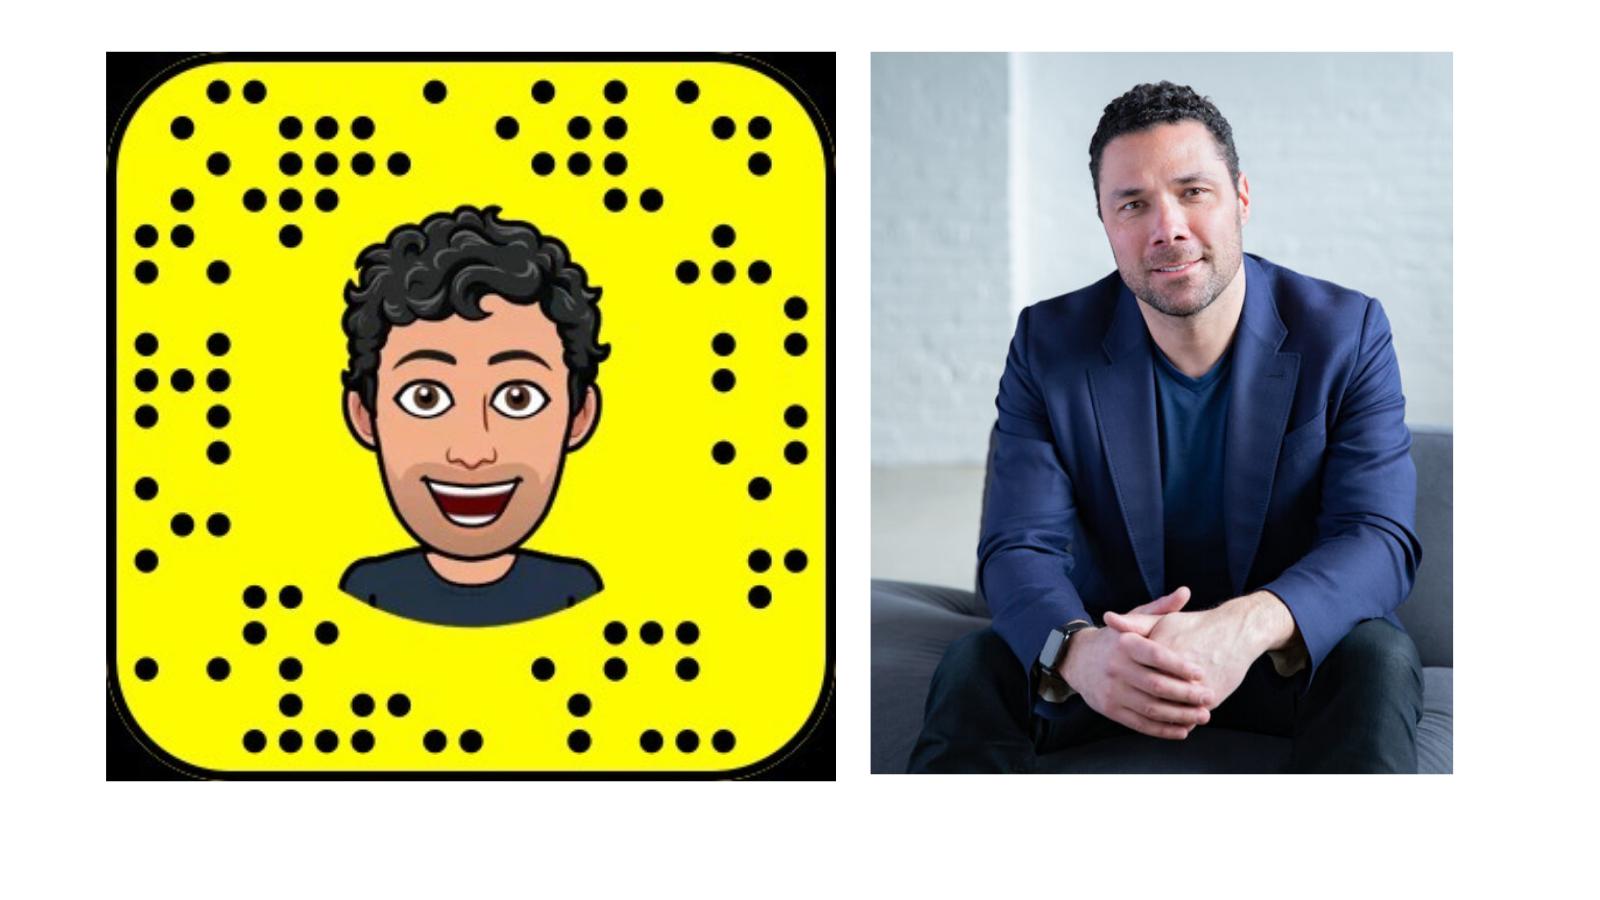 Matt McGowan headshot in real life and his Snapchat version.